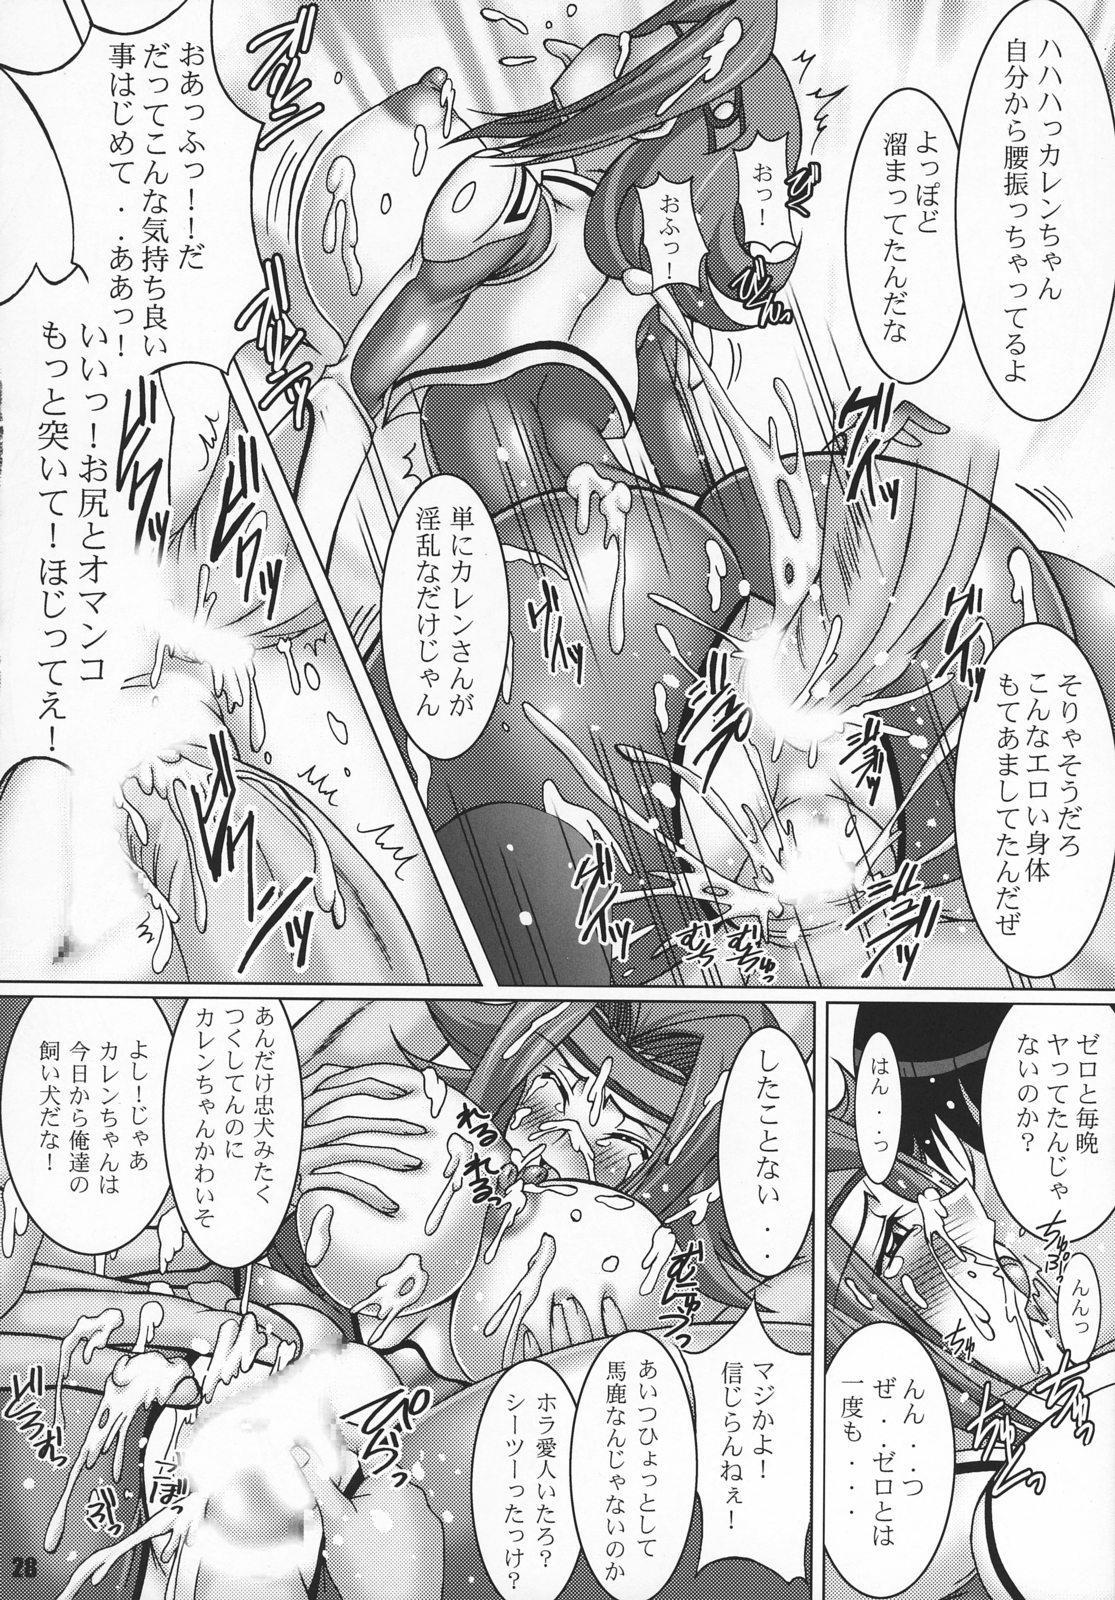 Geass Damashii 26